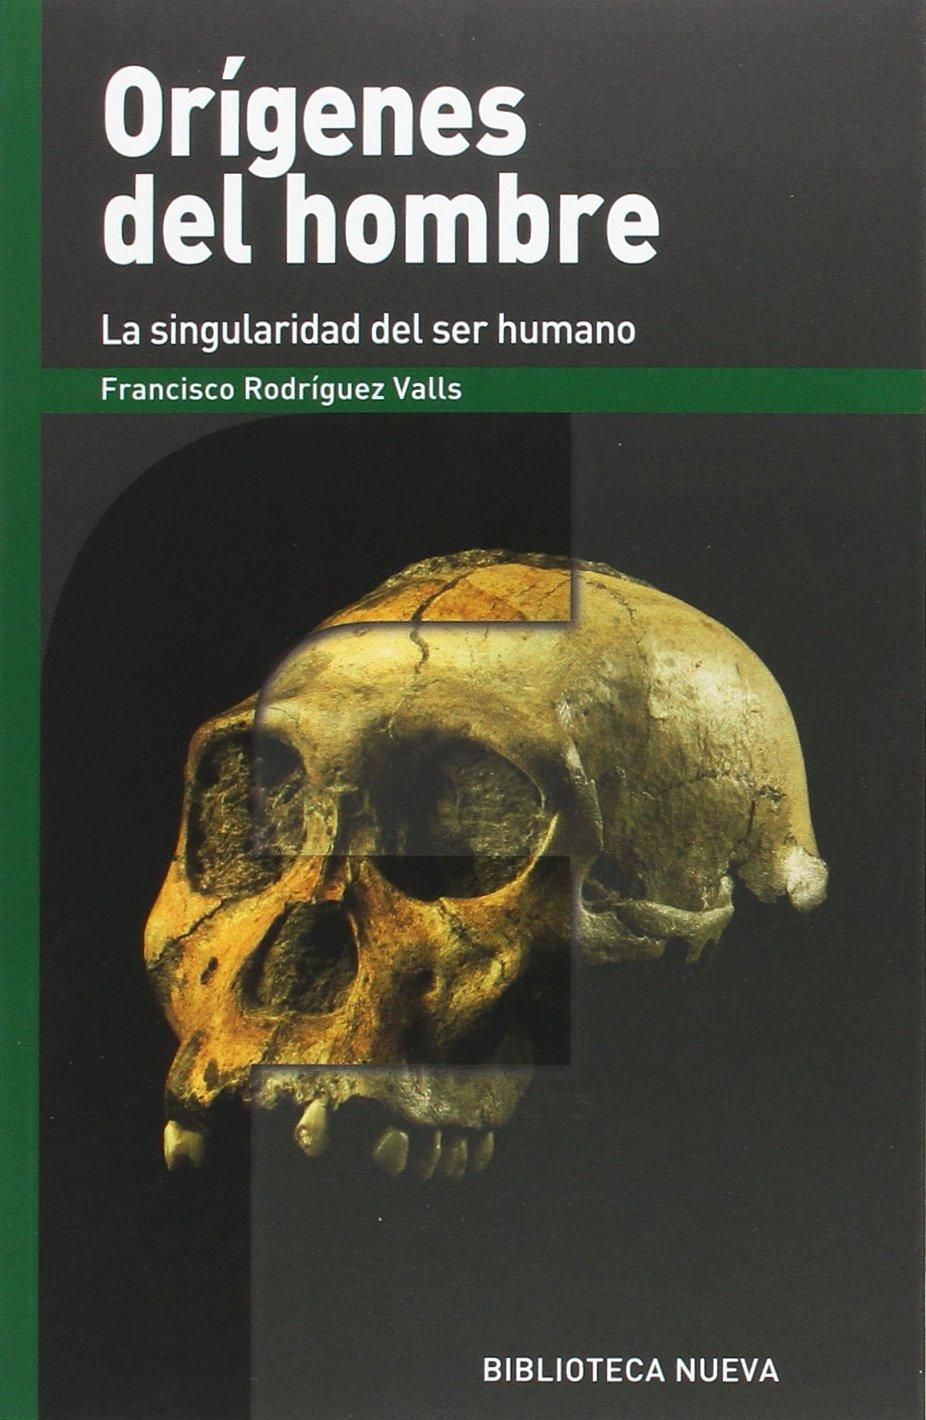 Orígenes del hombre: La singularidad del ser humano (FRONTERAS) Tapa blanda – 10 abr 2017 Francisco Rodríguez Valls Biblioteca Nueva 8416938490 Anthropology